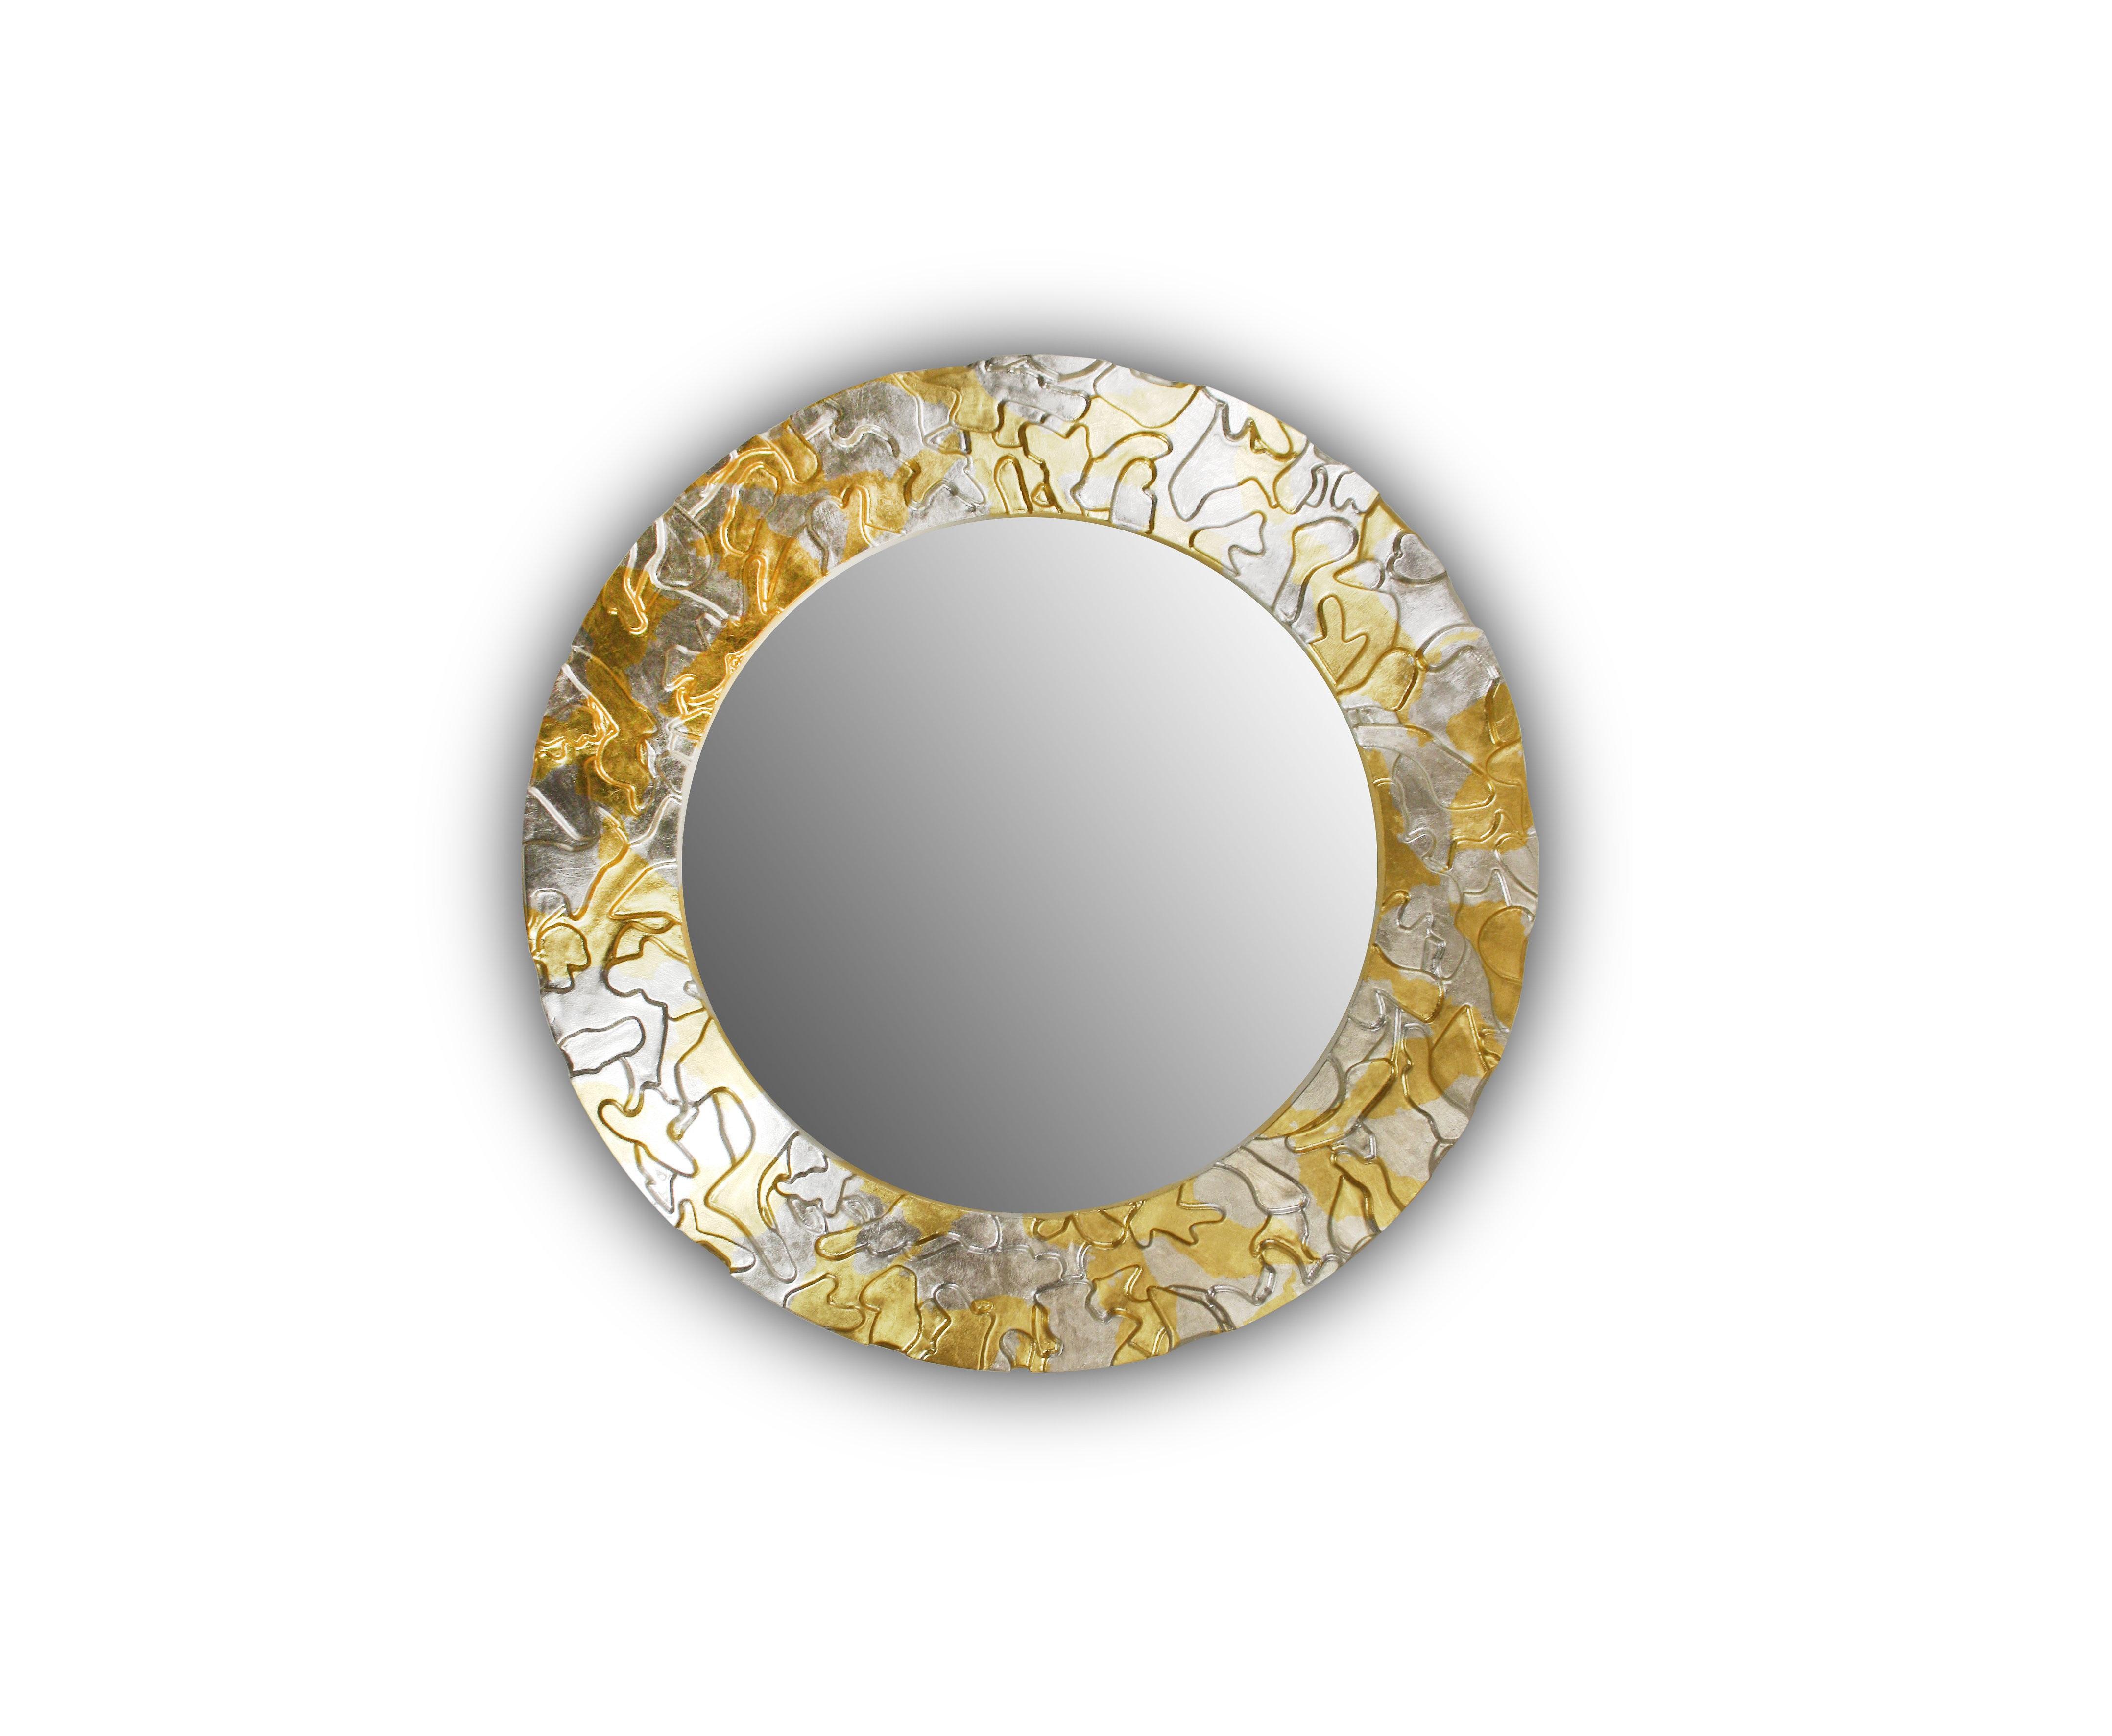 Зеркало Fashion CamouflageНастенные зеркала<br><br><br>Material: Дерево<br>Depth см: 3.6<br>Height см: None<br>Diameter см: 90